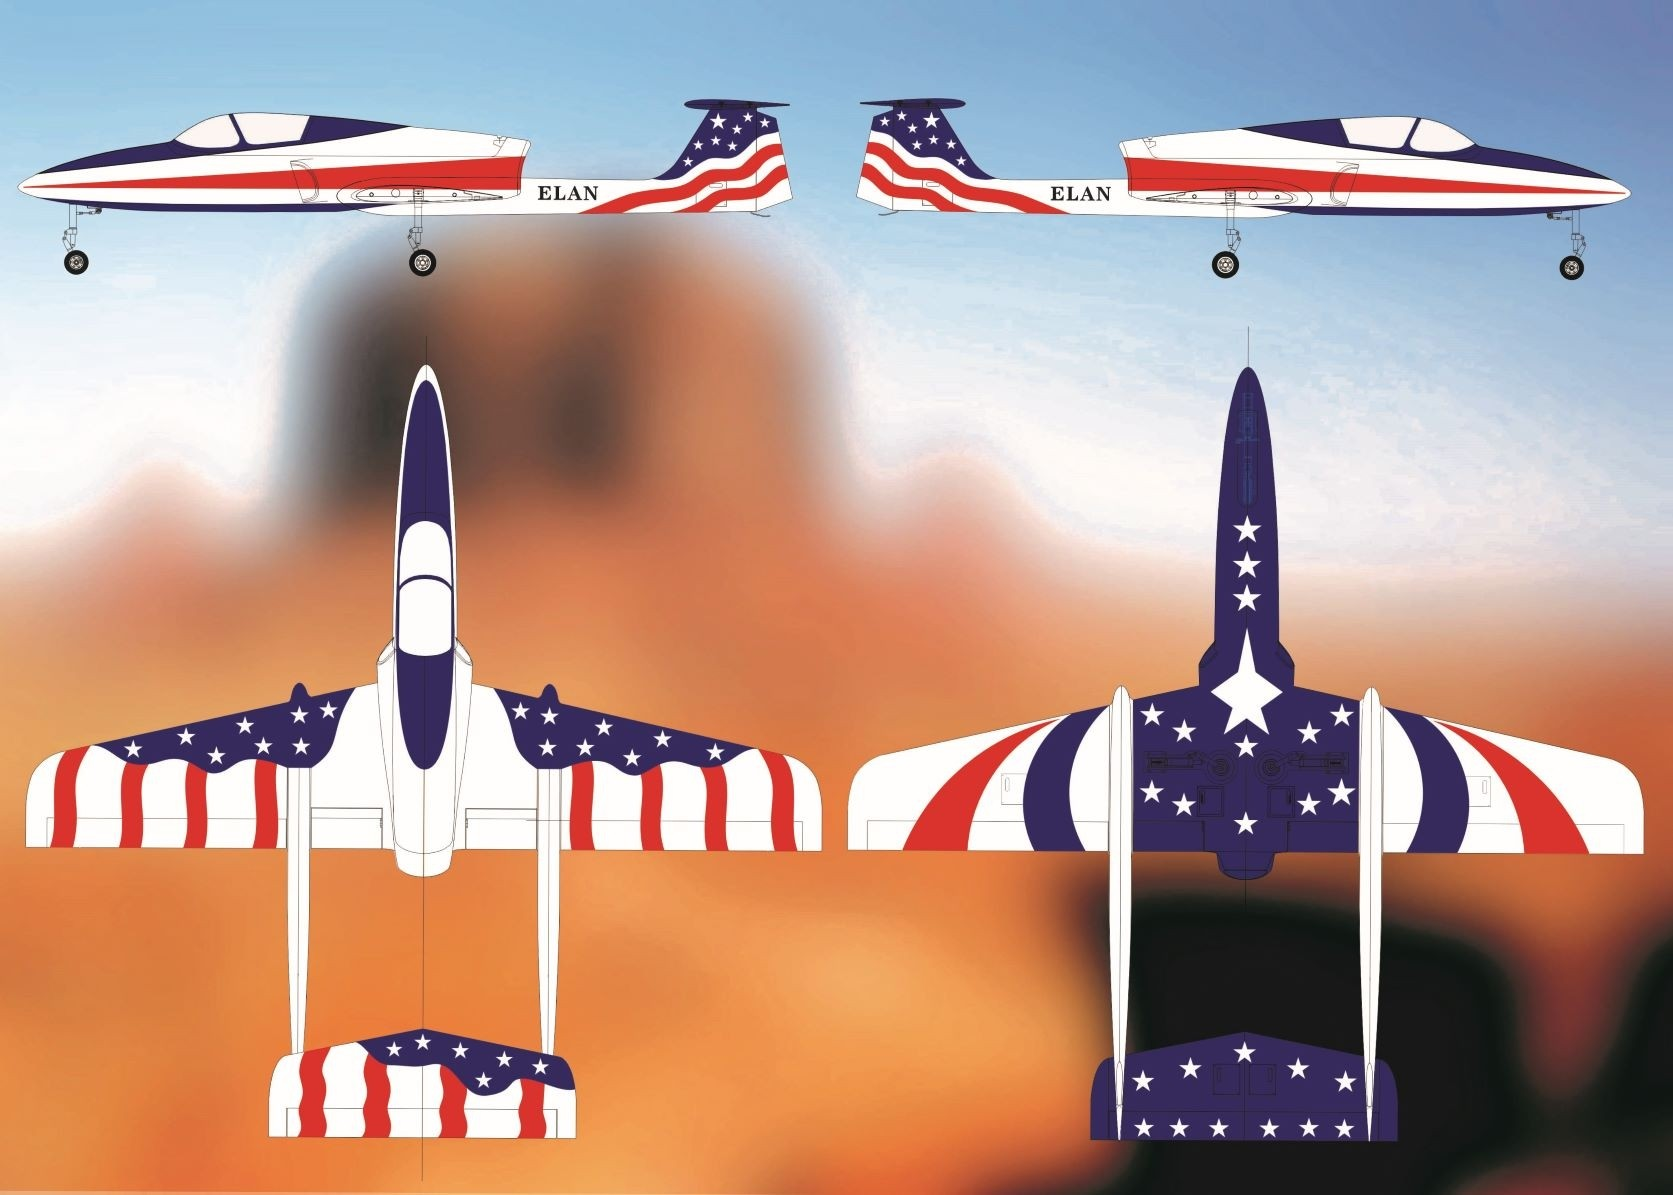 ELAN Stars & Stripes Boomerang RC Jets